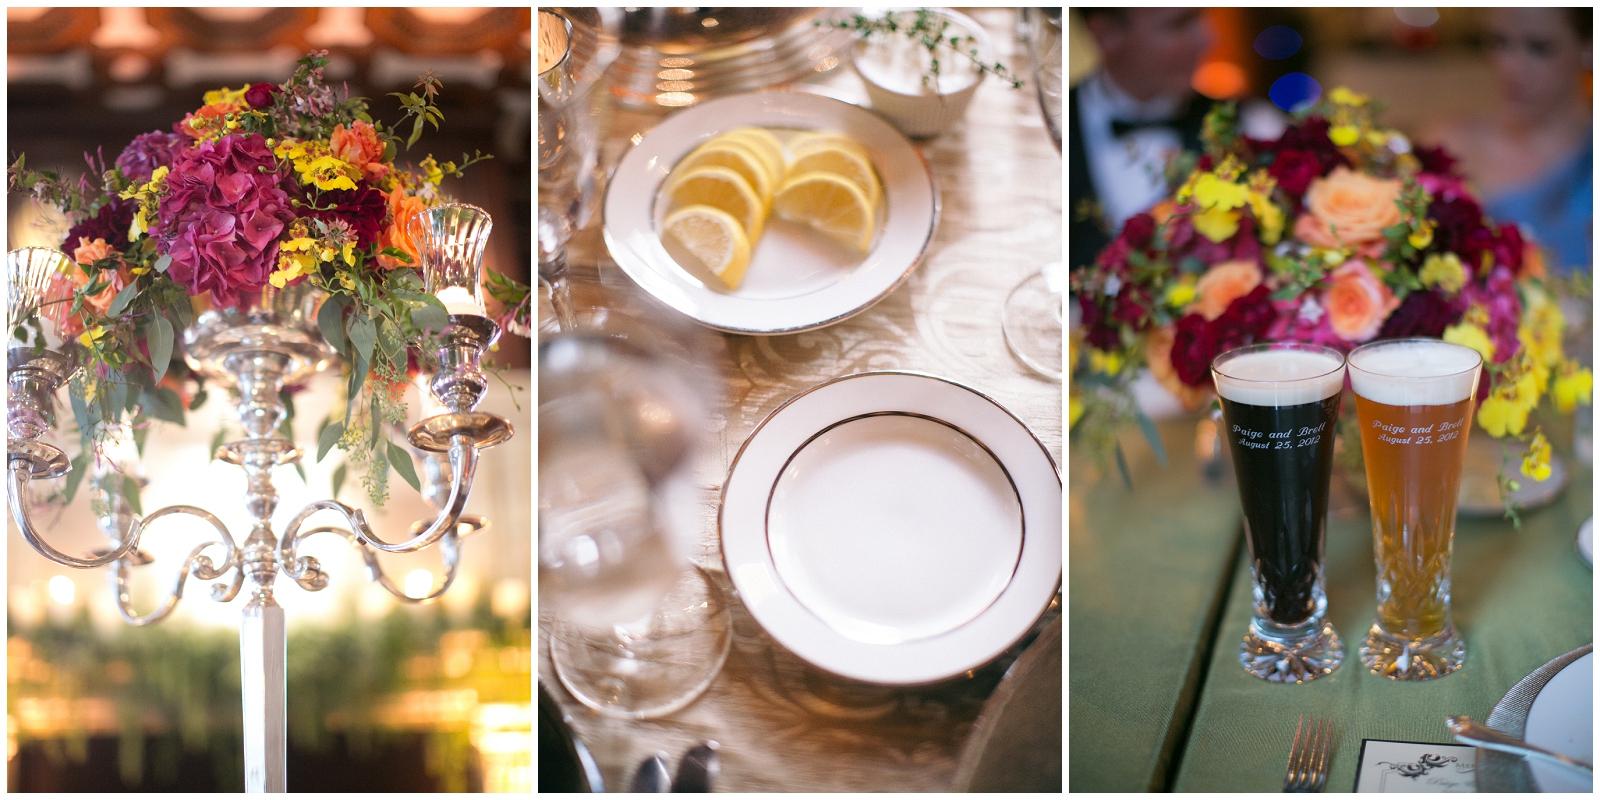 San-Francisco-Bay-Area-Wedding-Photography-Julia-Morgan-Ballroom-10.jpg